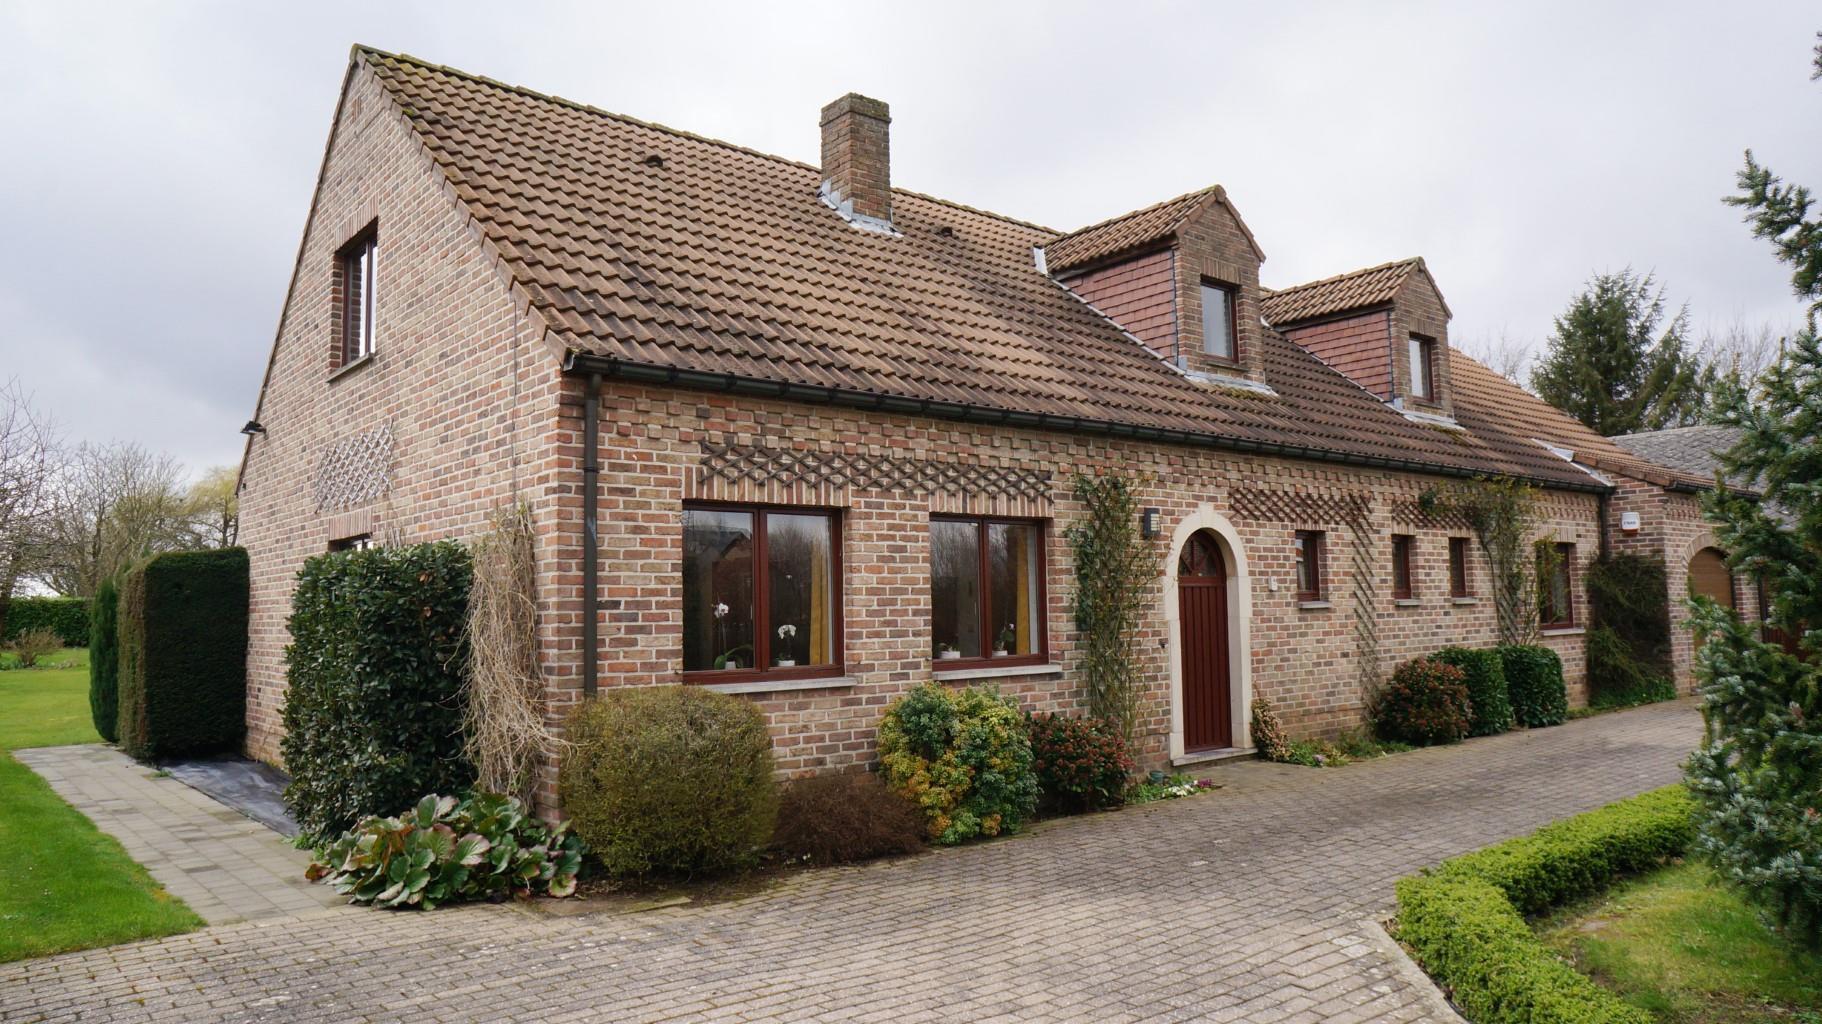 Maison - Perwez Thorembais-Saint-Trond - #4027352-22